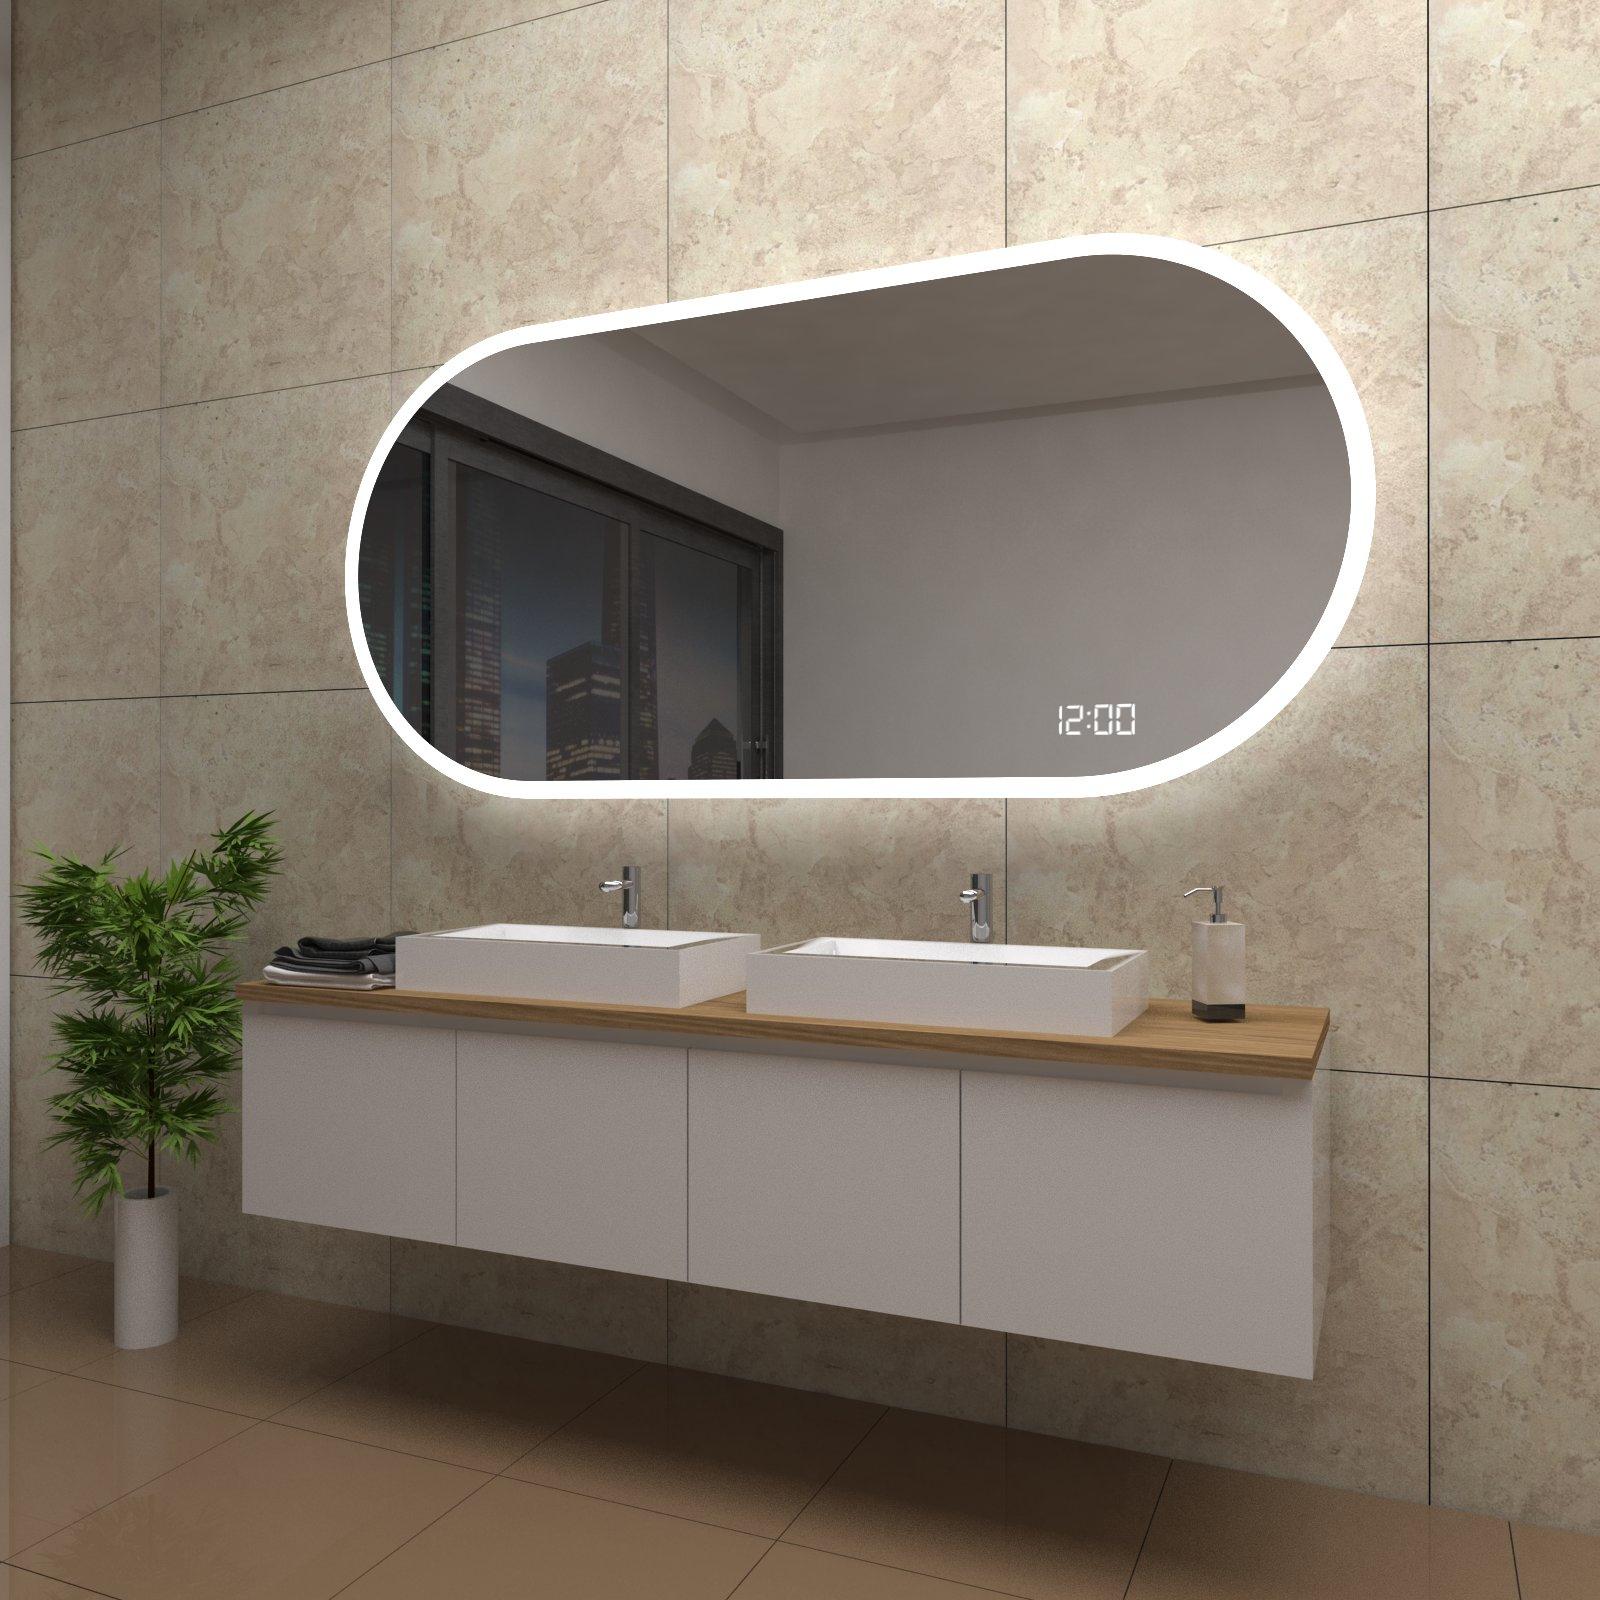 spiegel holly mit led beleuchtung und uhr beschlagfrei temprix markenspiegel. Black Bedroom Furniture Sets. Home Design Ideas